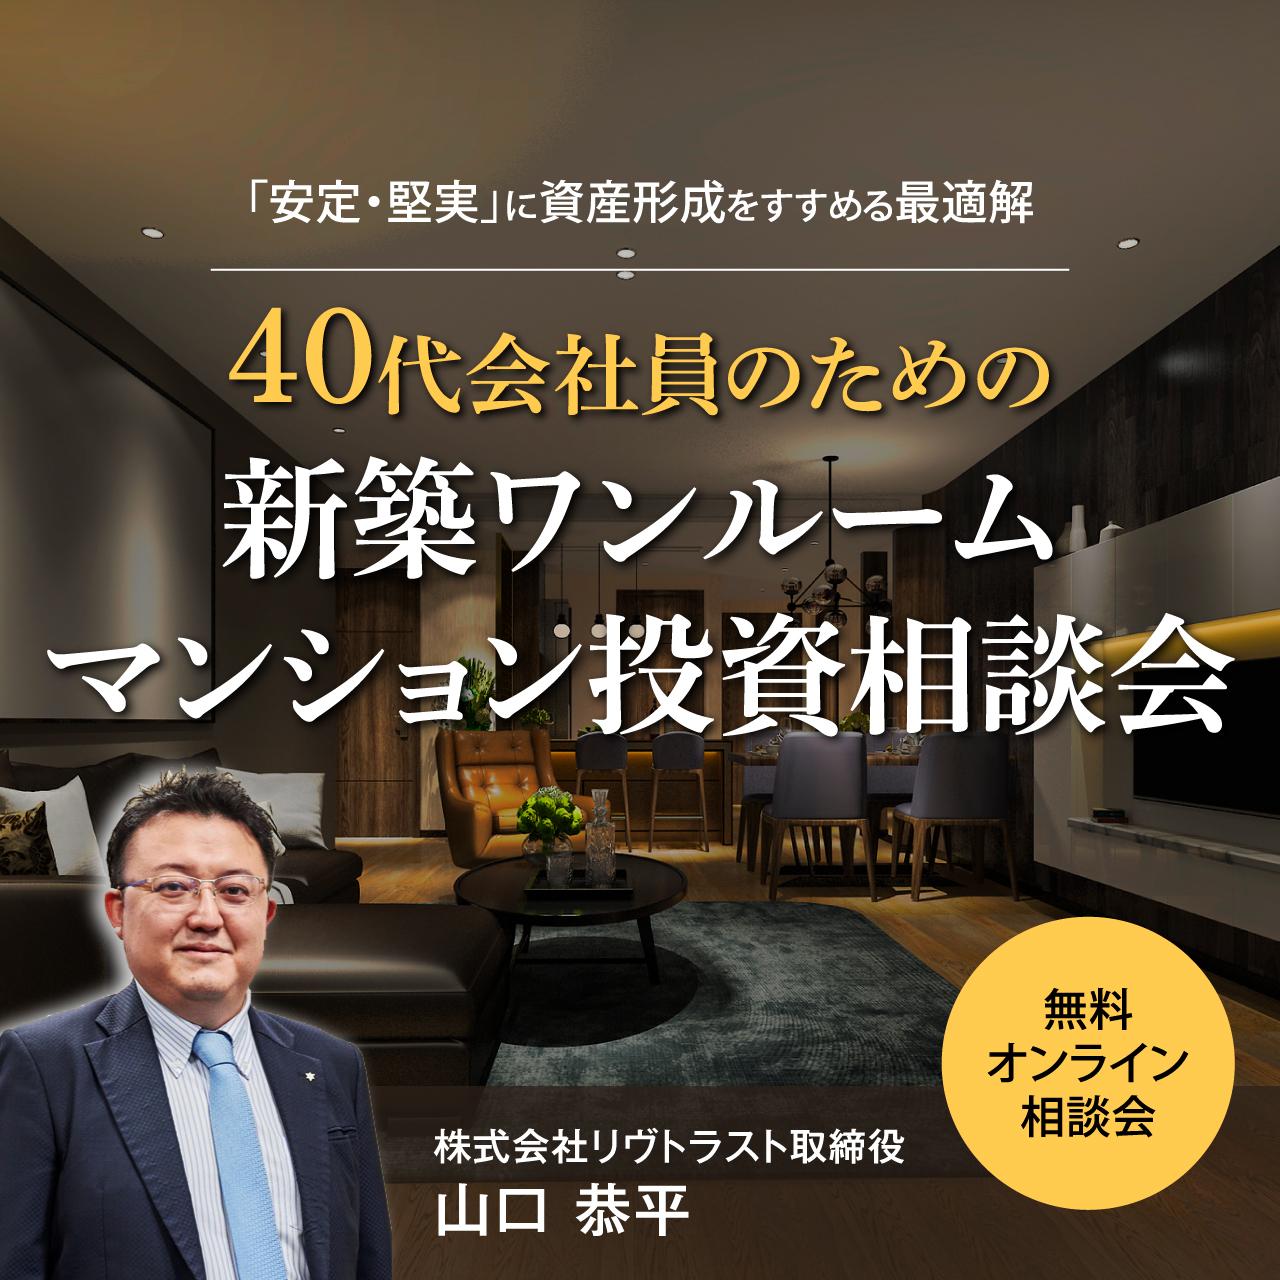 【オンライン相談会】「安定・堅実」に資産形成をすすめる最適解40代会社員のための「新築ワンルームマンション投資」相談会